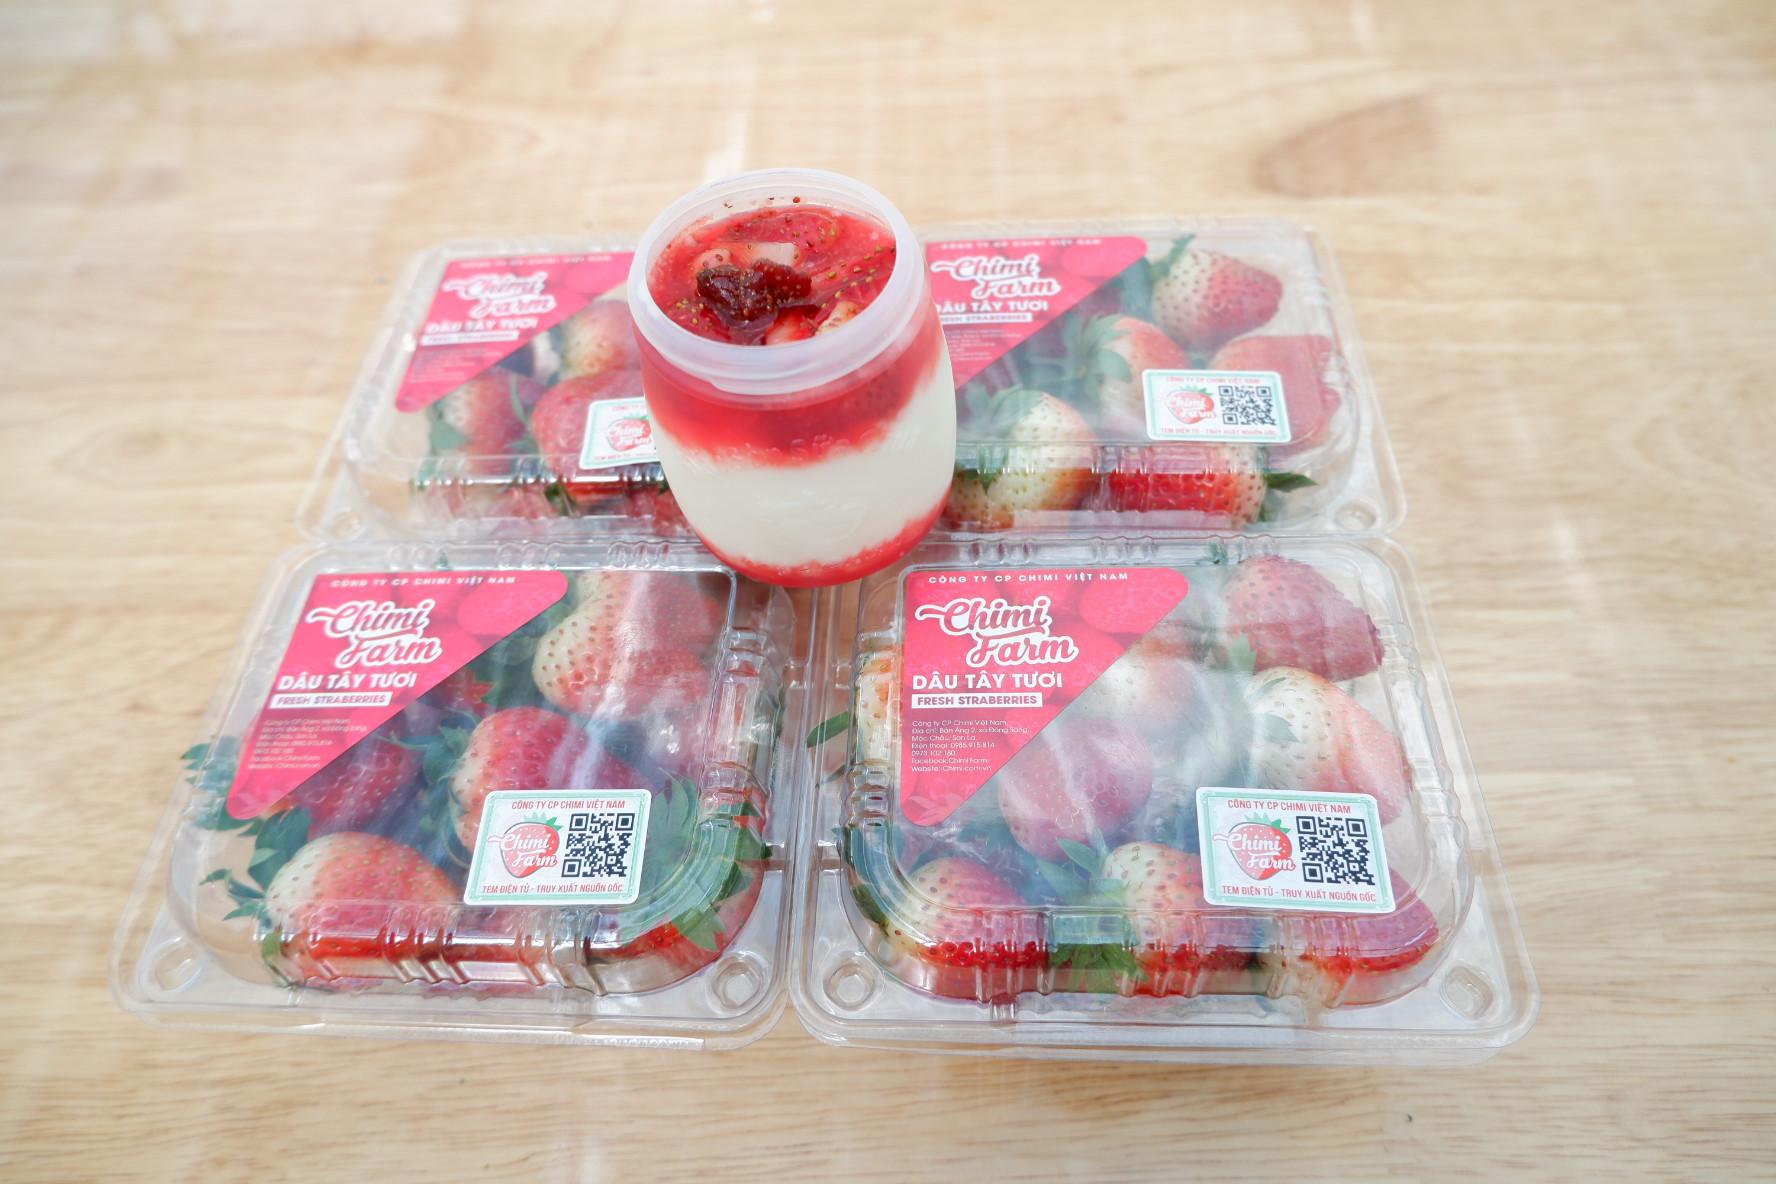 Chimi Farm cơ sở Hà Nội - Mua dâu tây được tặng sữa chua